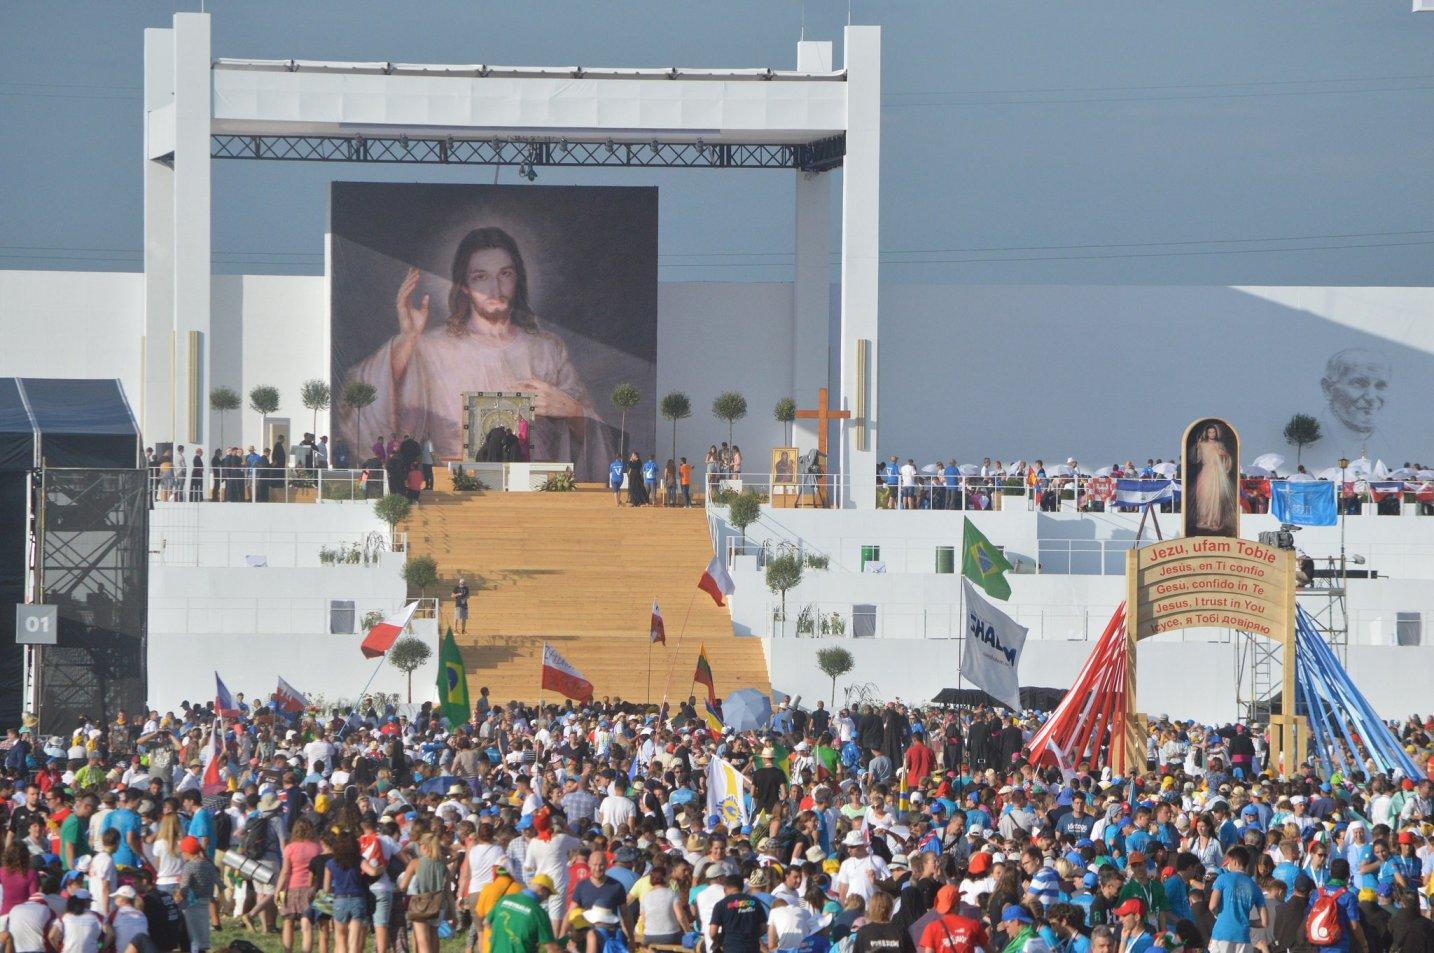 Папа — молодёжи: мы пришли в этот мир, чтобы его изменить